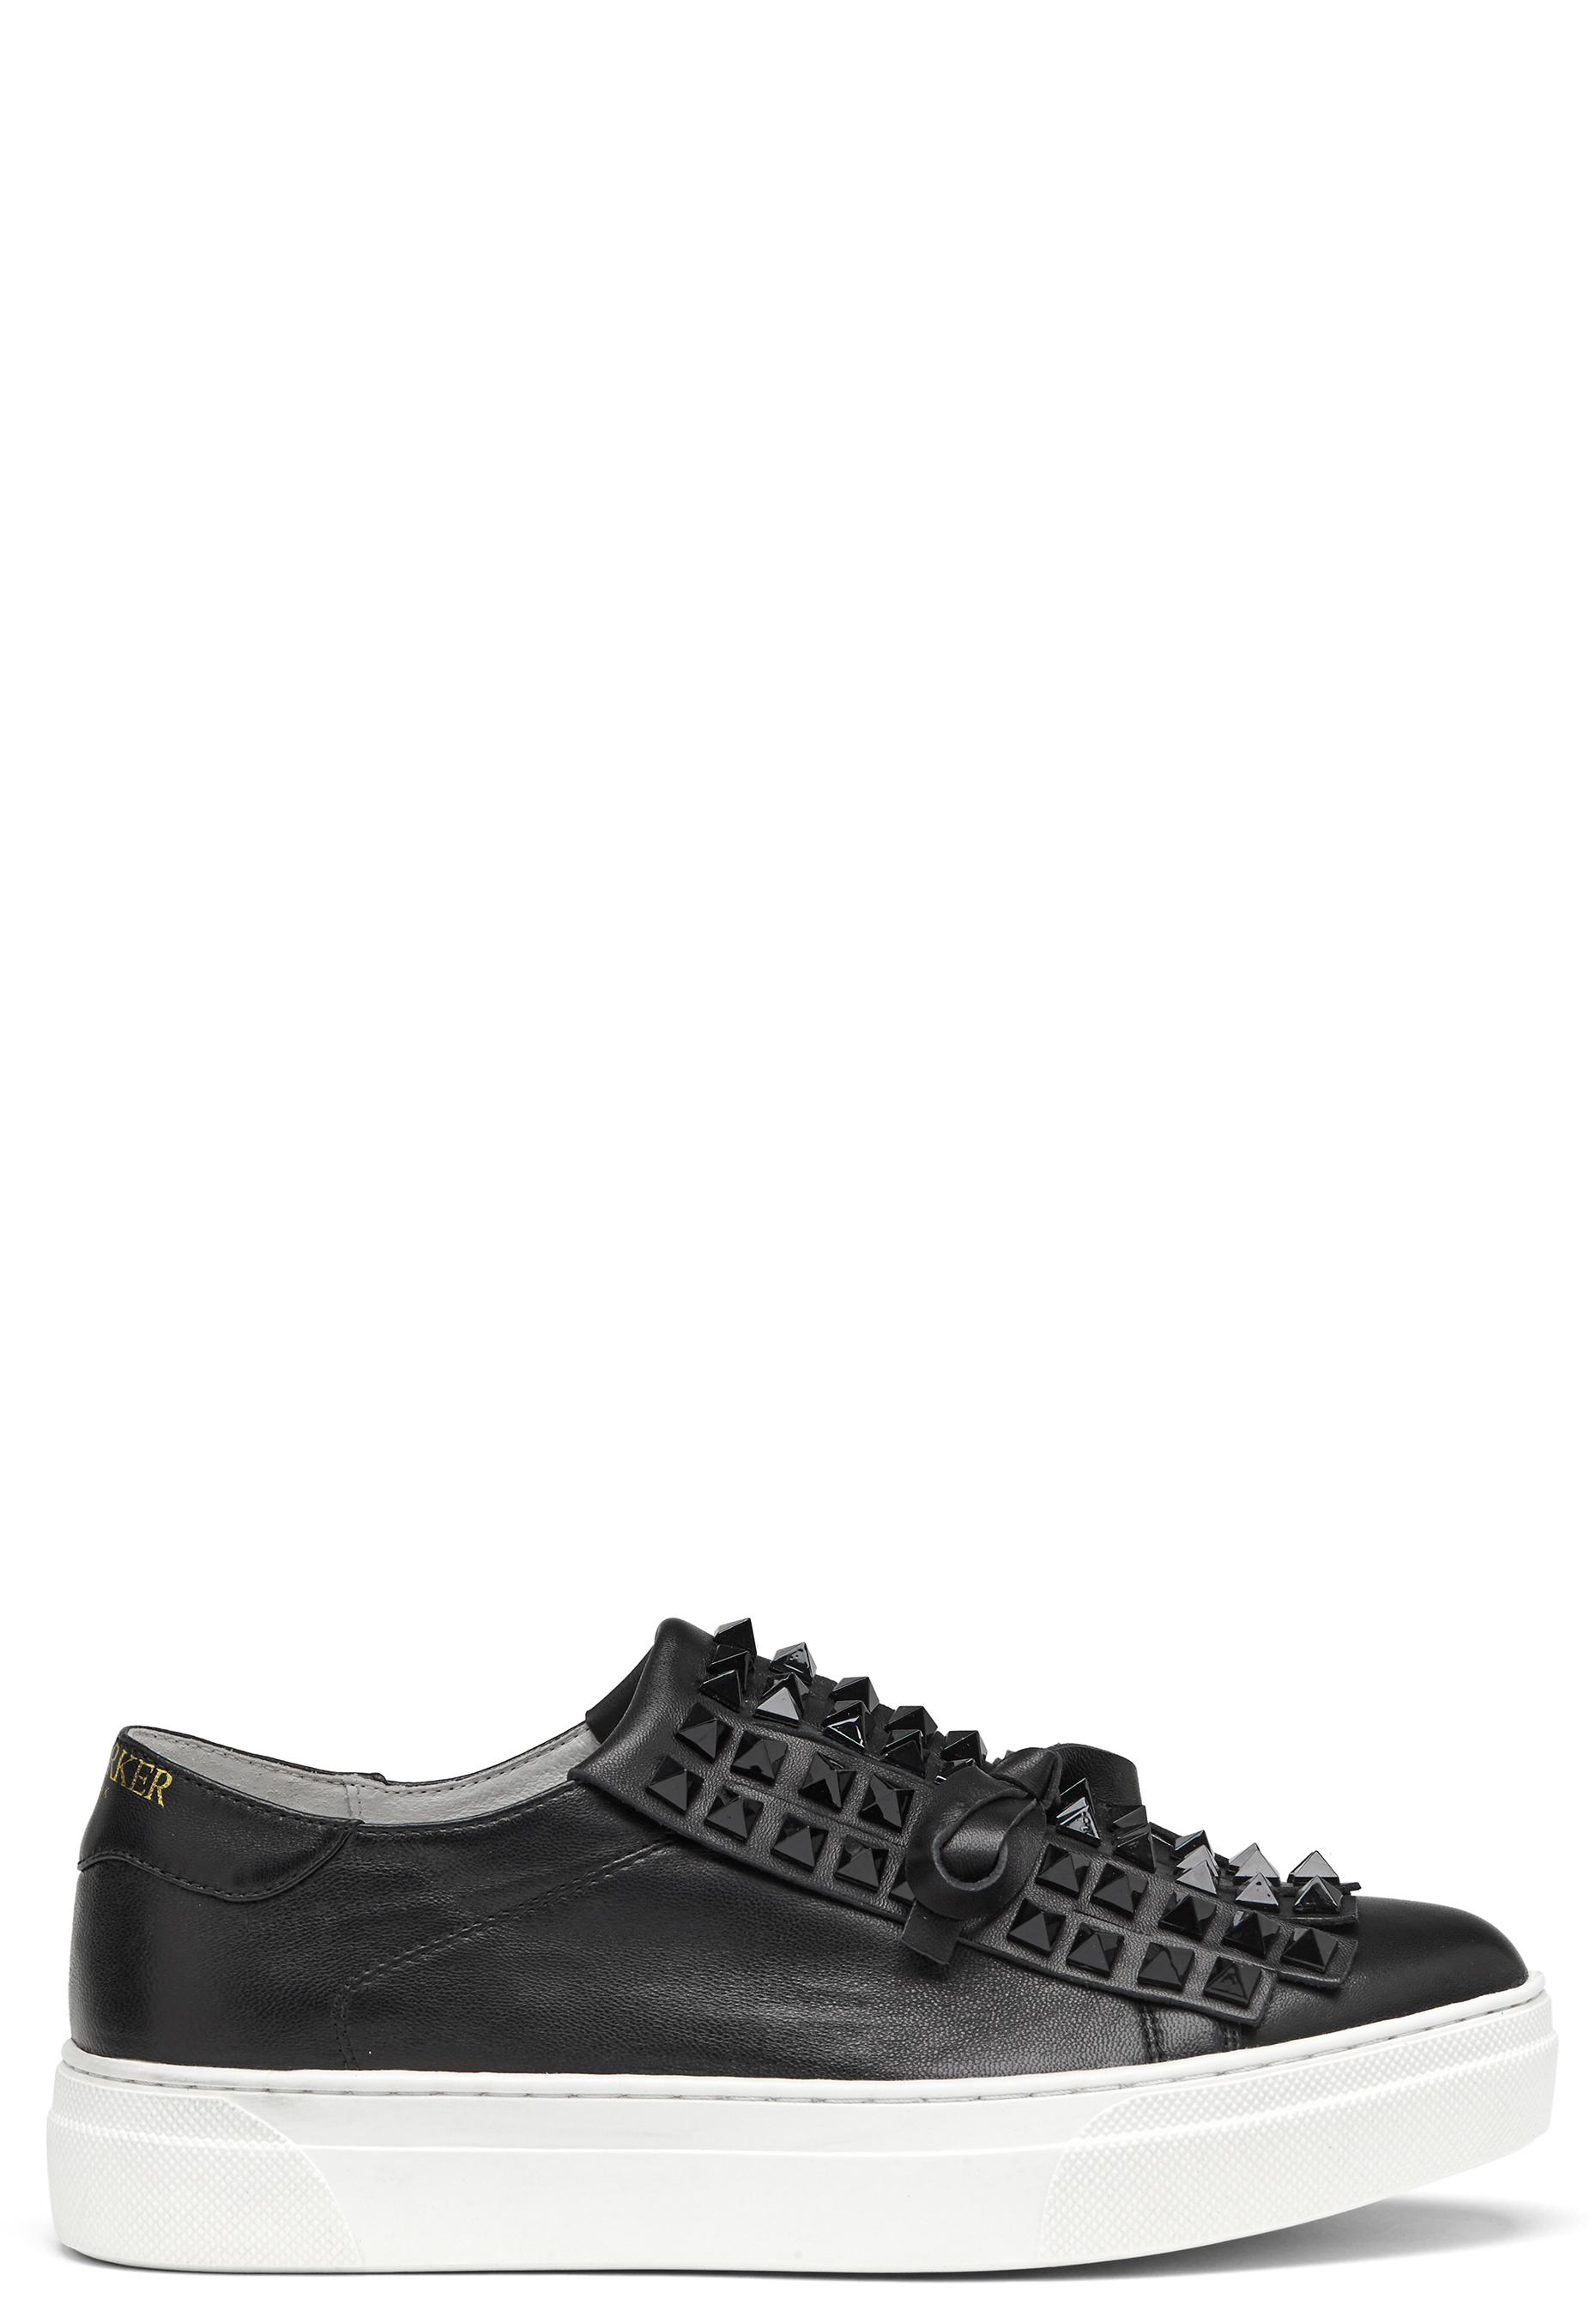 b2d6ded8 UMA PARKER D.C Shoes Black - Bubbleroom